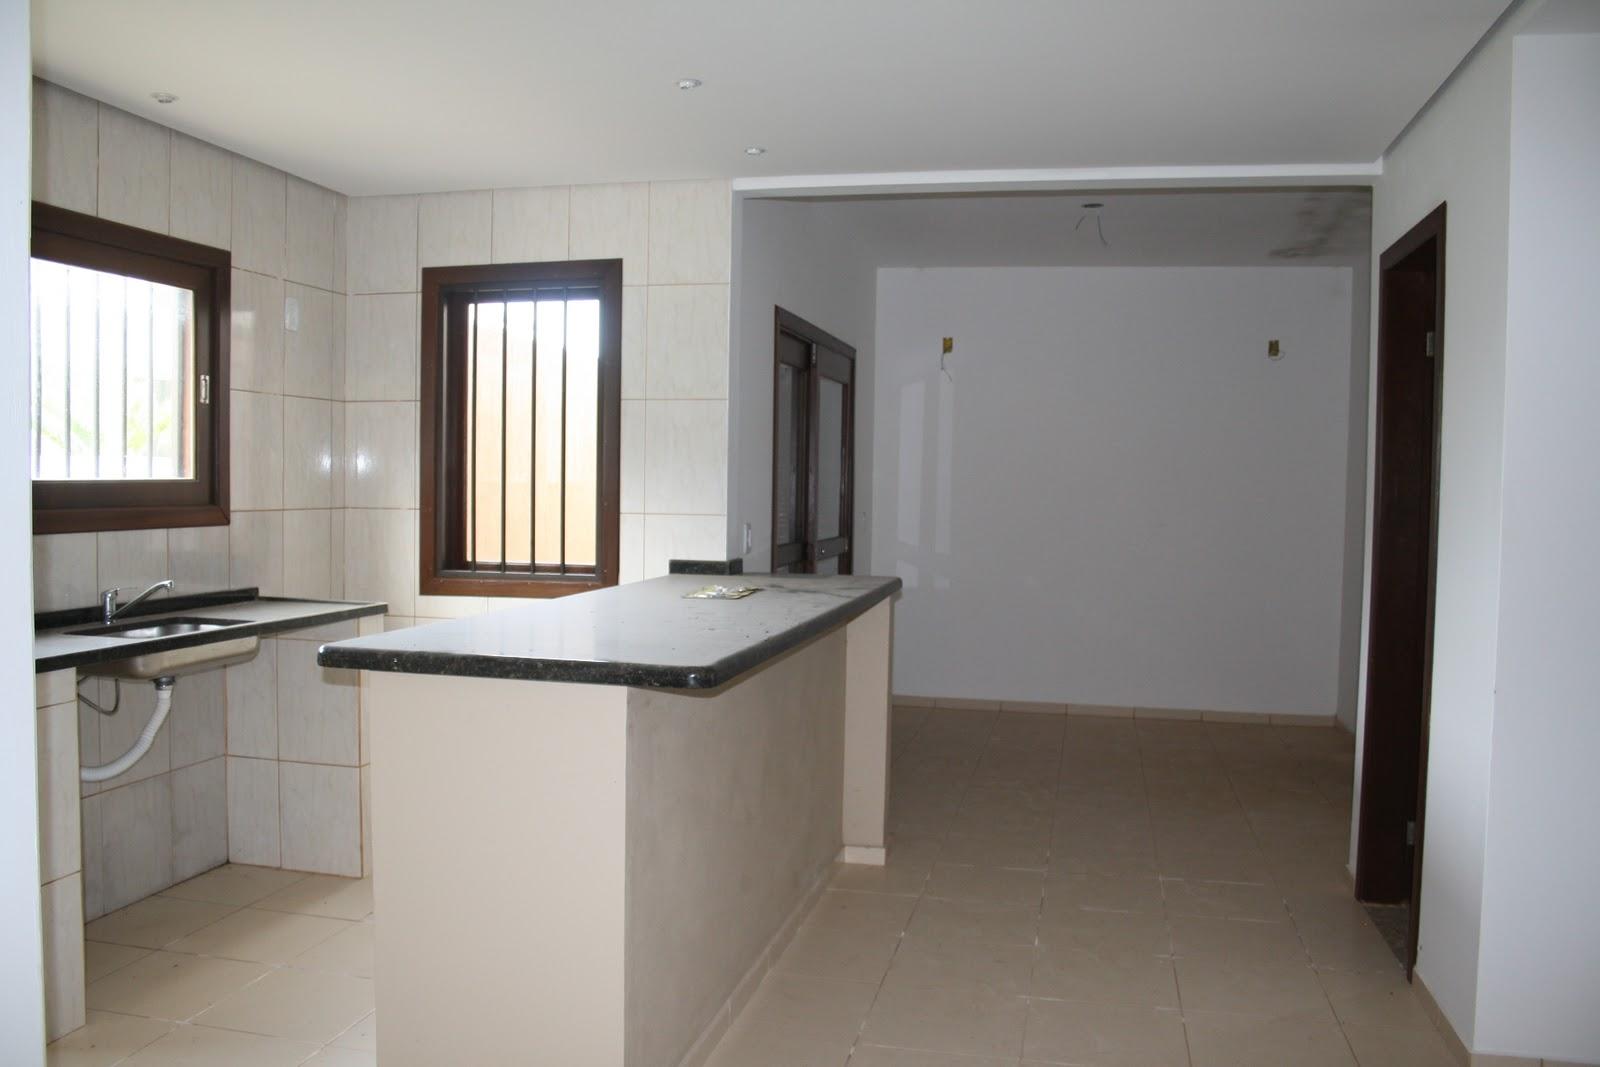 Cozinha Conjugada à Sala Existe Graças A Integração De Ambientes  #5B4E44 1600 1067